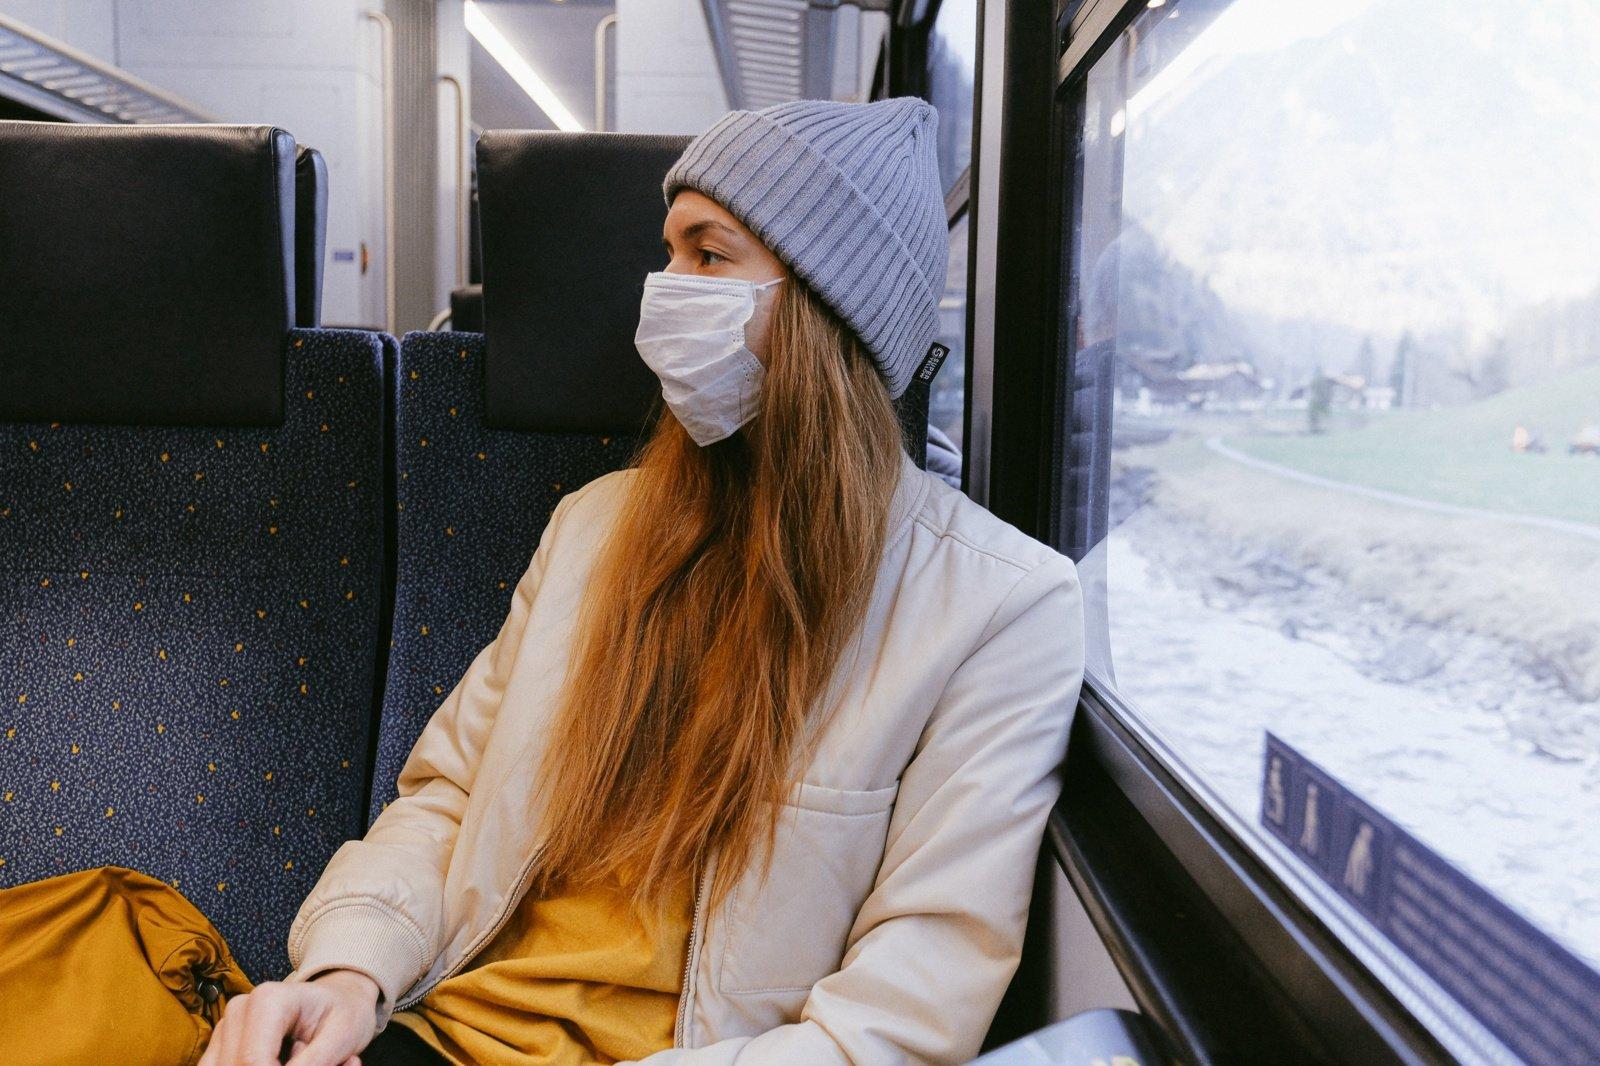 Numatytos priemonės mažinti neigiamas COVID-19 pandemijos pasekmes asmens ir visuomenės psichikos sveikatai